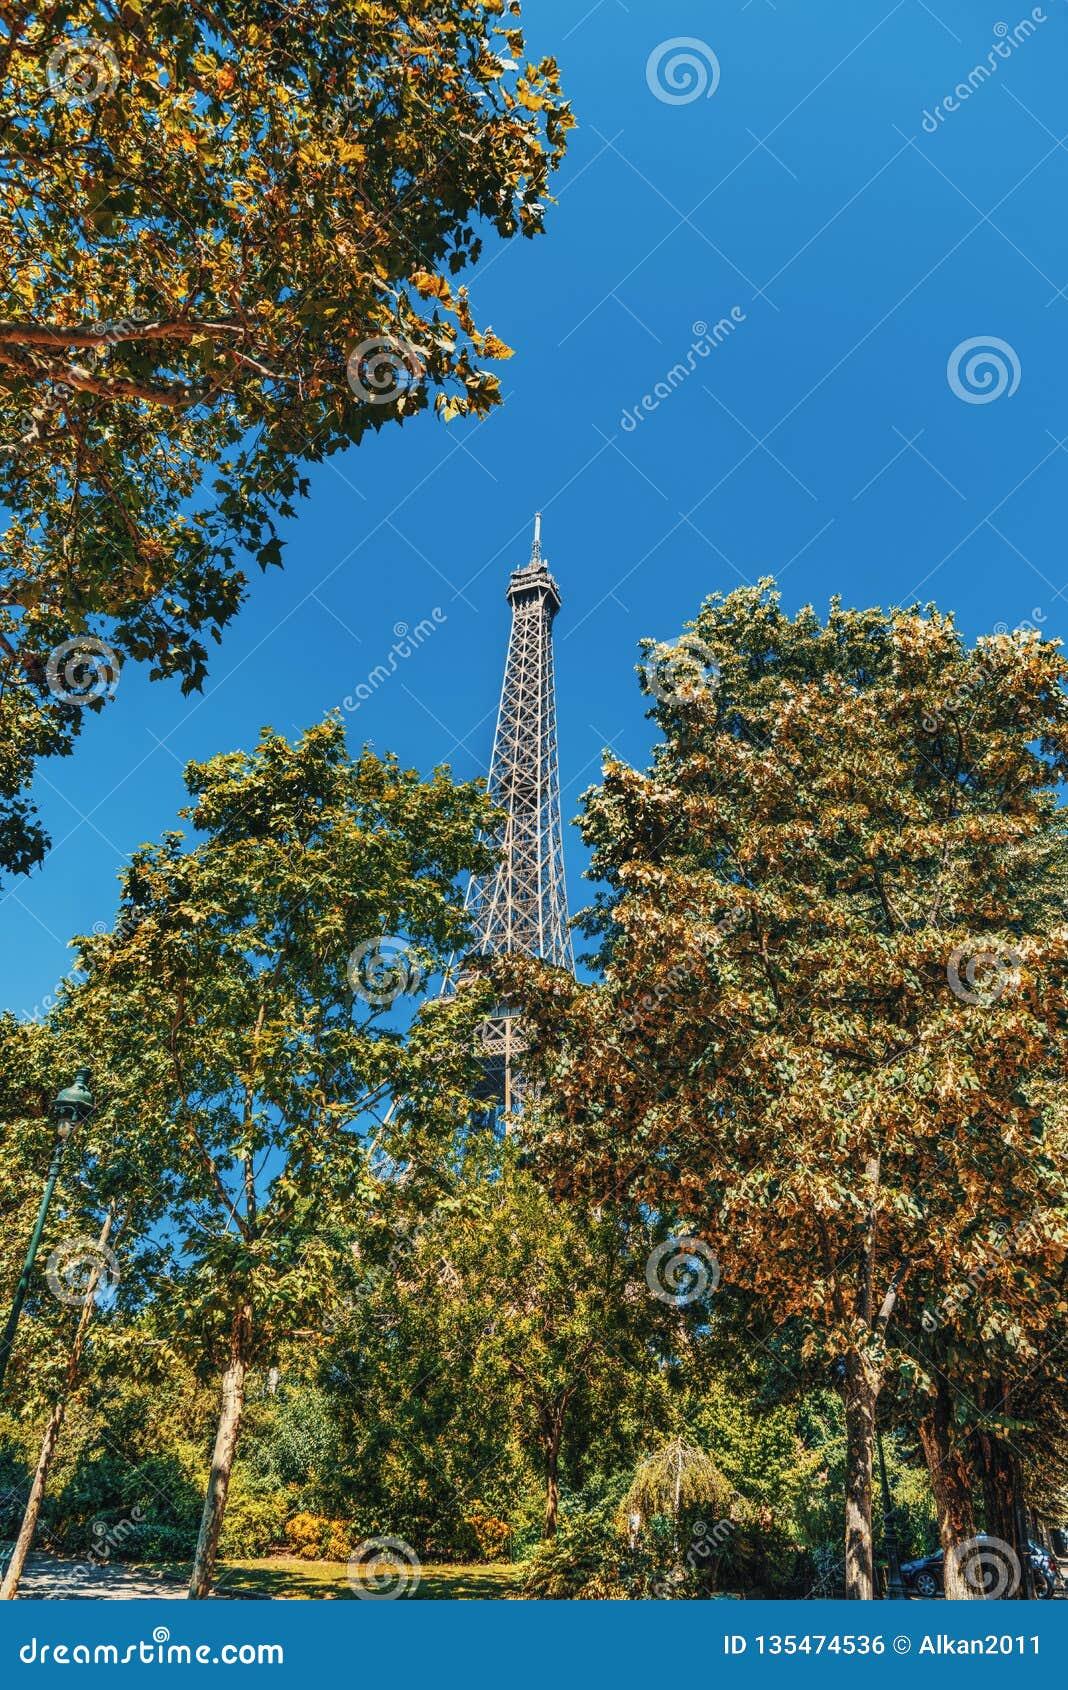 Эйфелева башня мира известная окруженная зелеными деревьями